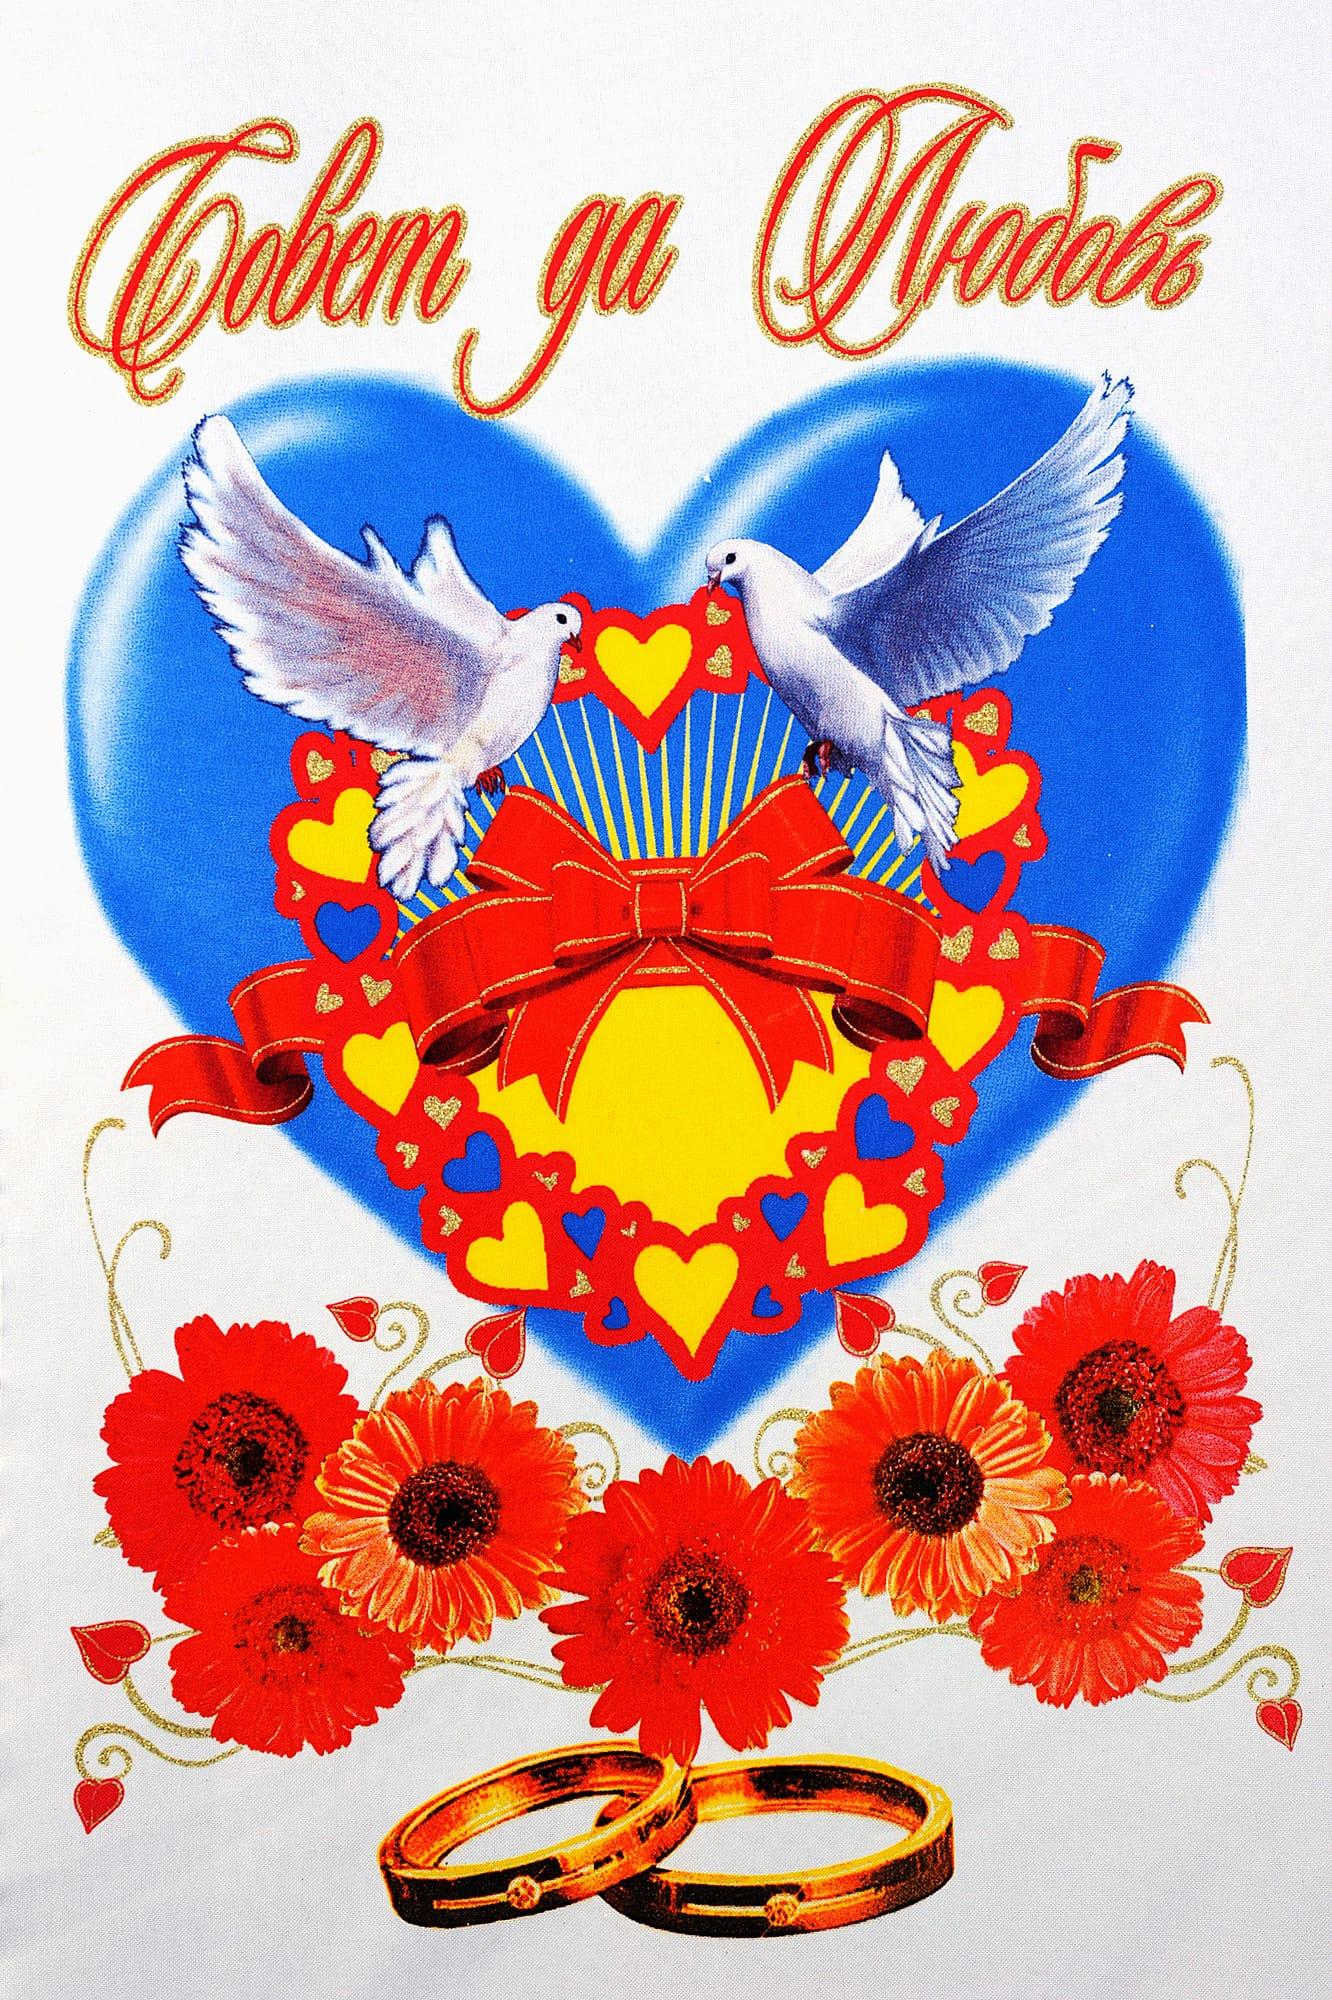 Свадебный рушник с романтичным рисунком с голубками и яркими цветами.